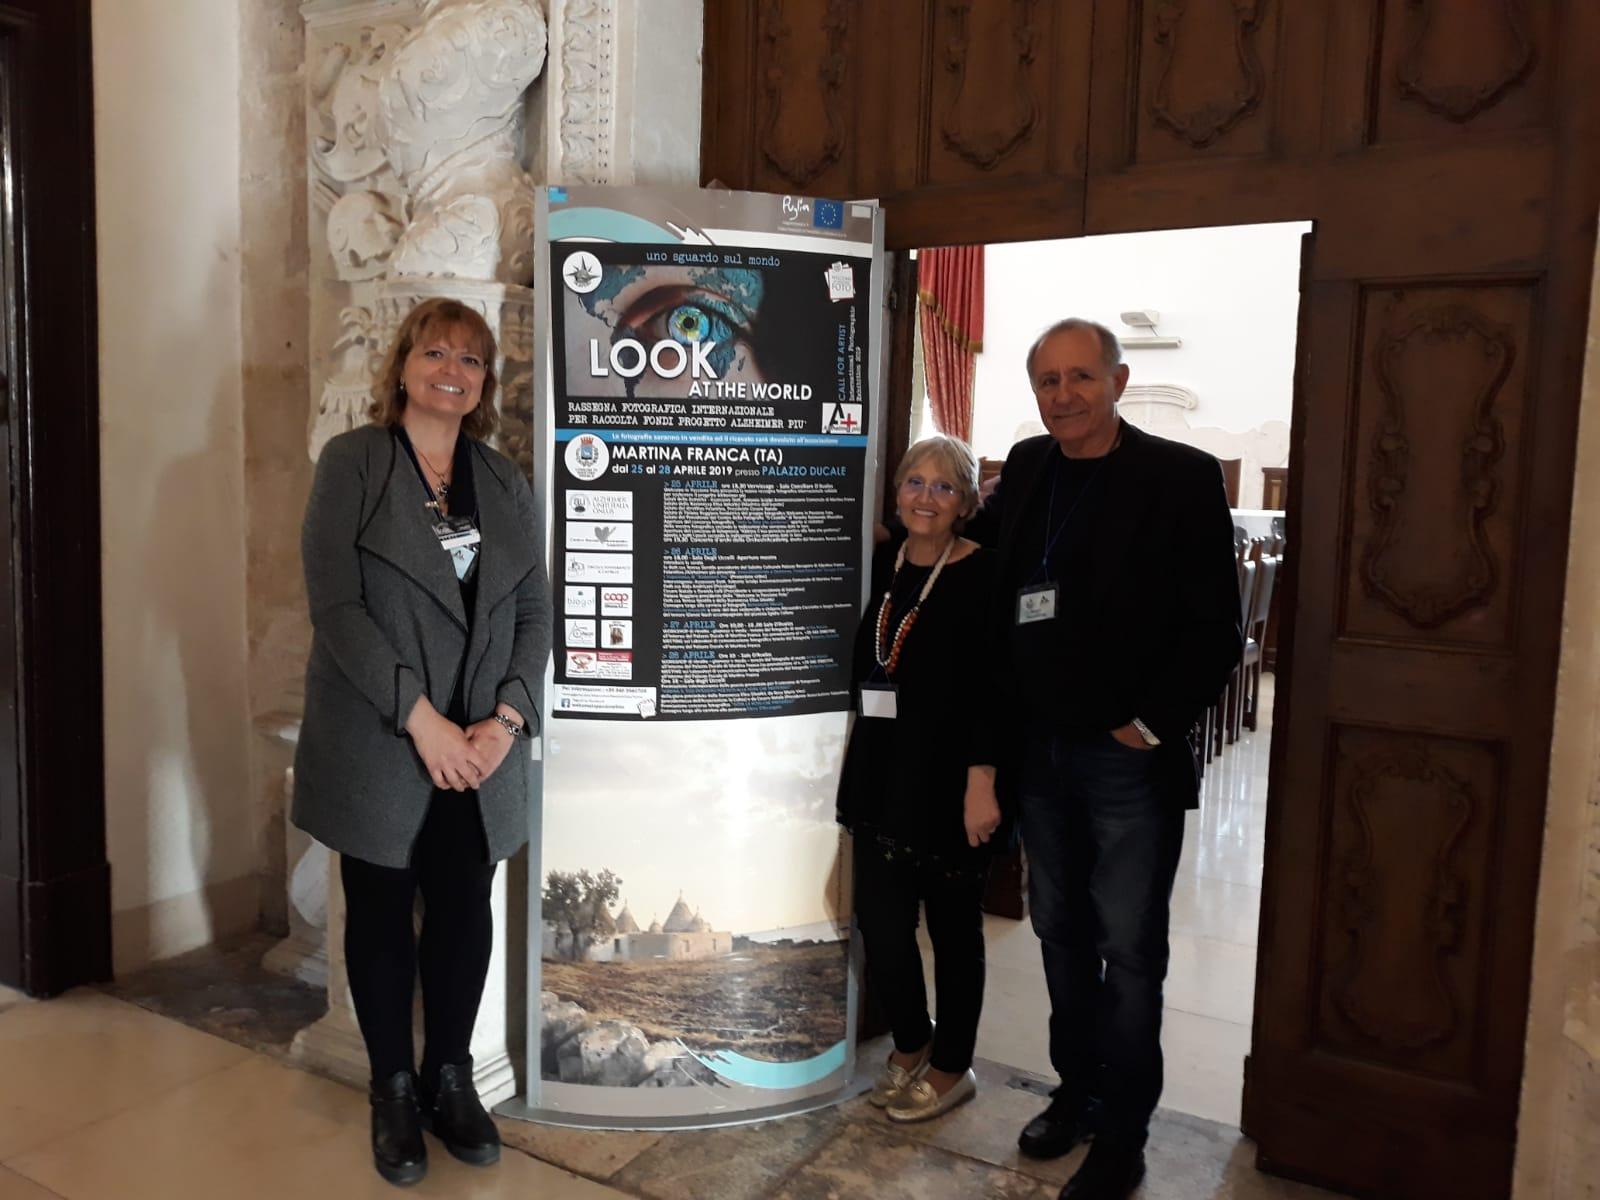 Calendario Eventi Martina Franca.Martina Franca Taranto Avvio Con Successo Dell Evento